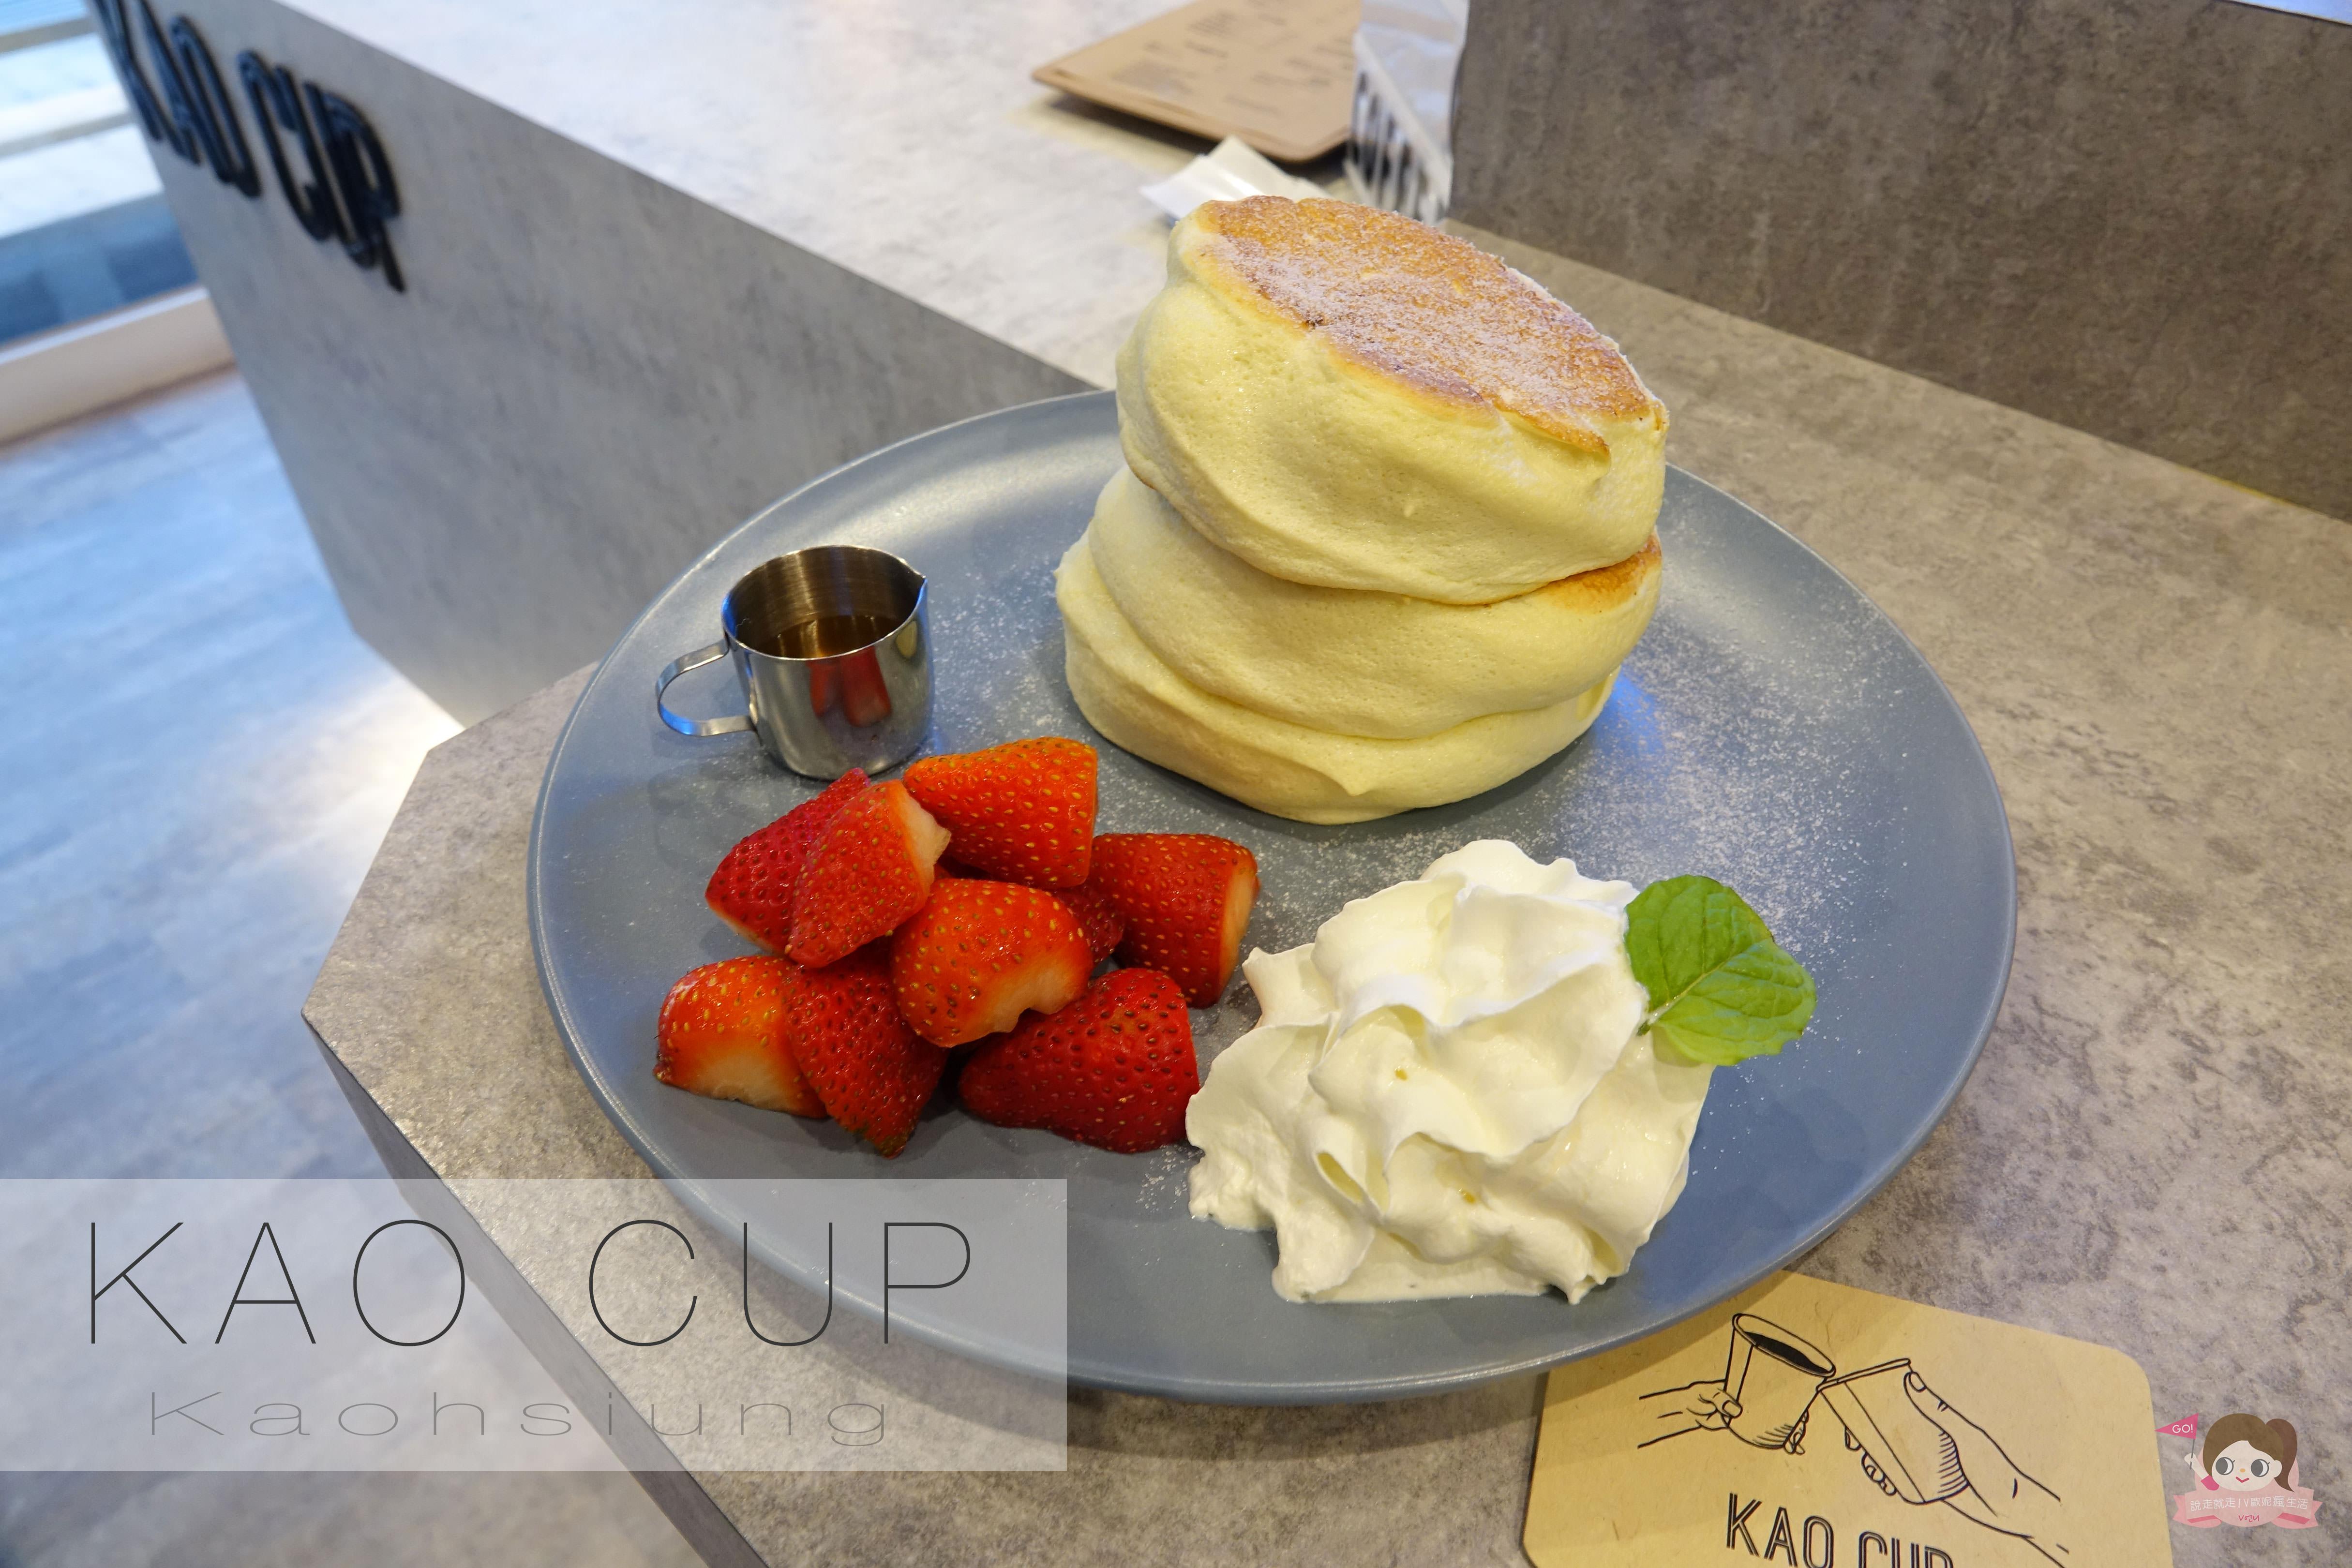 靠杯咖啡 KAO CUP,蓬鬆感香甜舒芙蕾鬆餅ㄉㄨㄞ ㄉㄨㄞ好療癒 | 高雄鼓山區.美術館